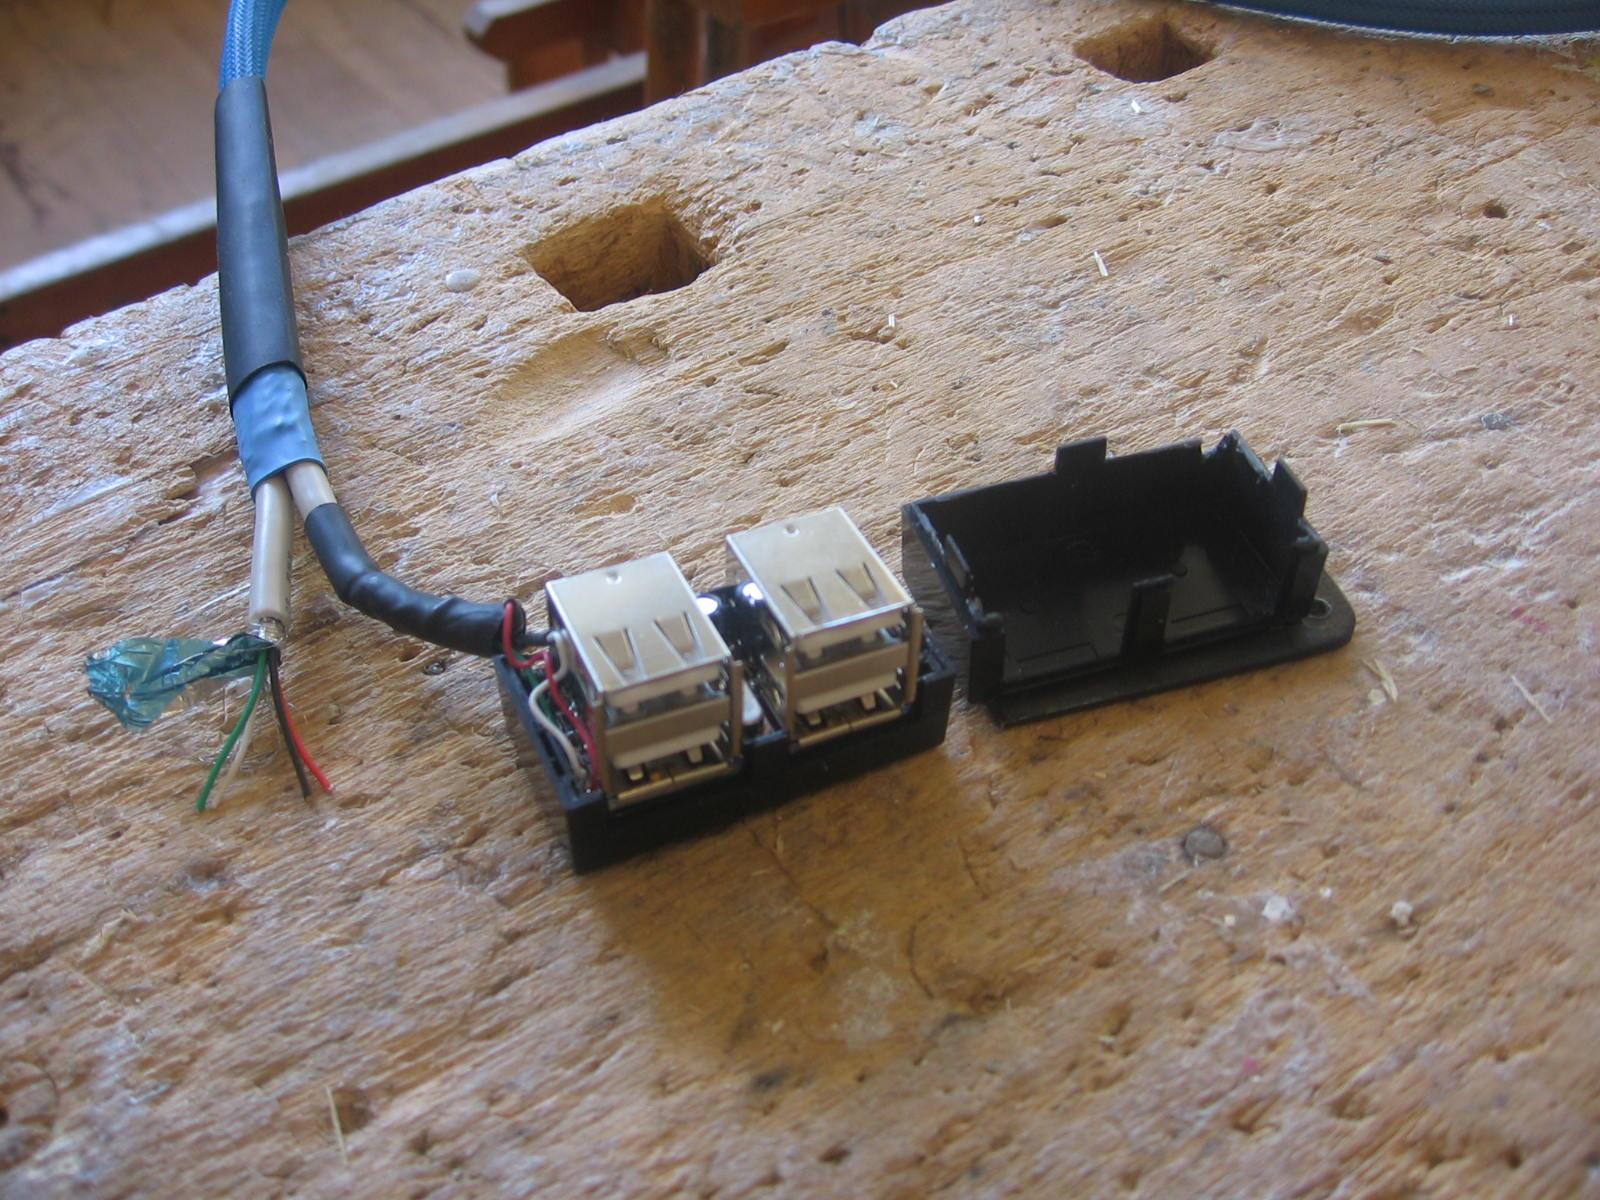 Så har jeg modificeret hub'en lidt. Af er røget USB stikket, og så har jeg loddet ledninger direkte på i hub'en. Det kræver man holder tungen lige i munden, og kan ikke anbefales at gøre hvis man ikke er rutineret med en loddekolbe